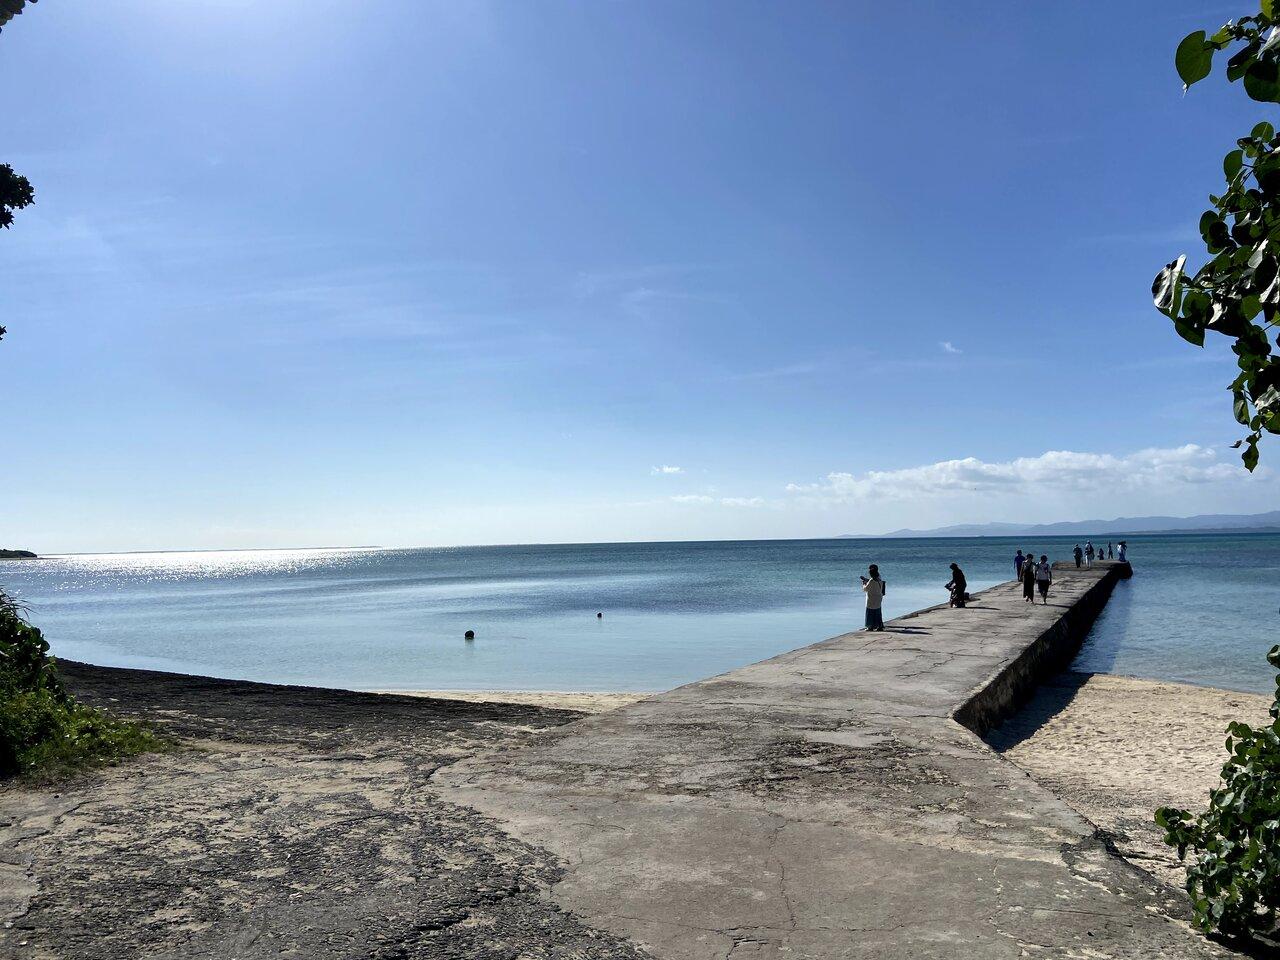 もずく採りに行った西桟橋。国の登録有形文化財に登録されています。海に向かって伸びる桟橋は夕日の名所として人気。かつては西表島へ渡るために使われていました。  写真提供:片岡由衣